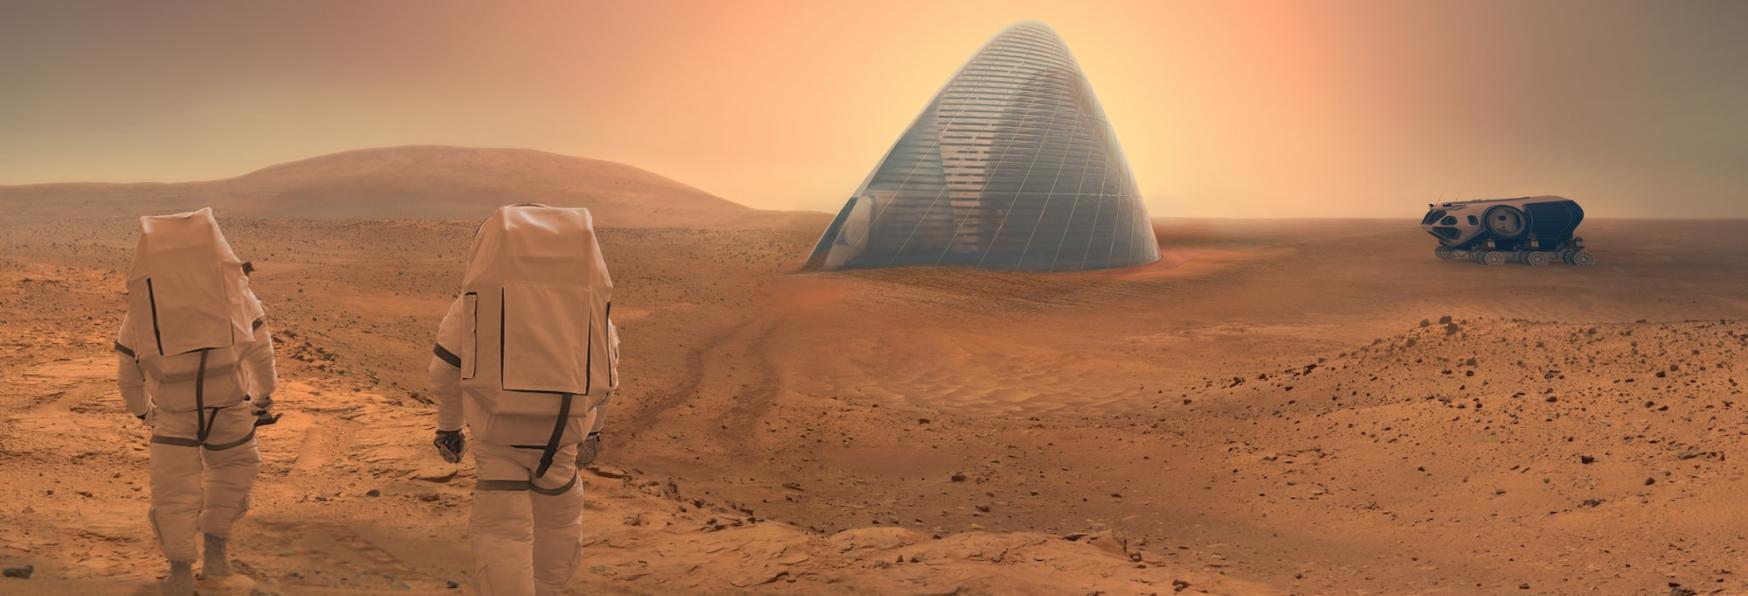 In arrivo la nuova Serie TV Fantascientifica intitolata Humanity